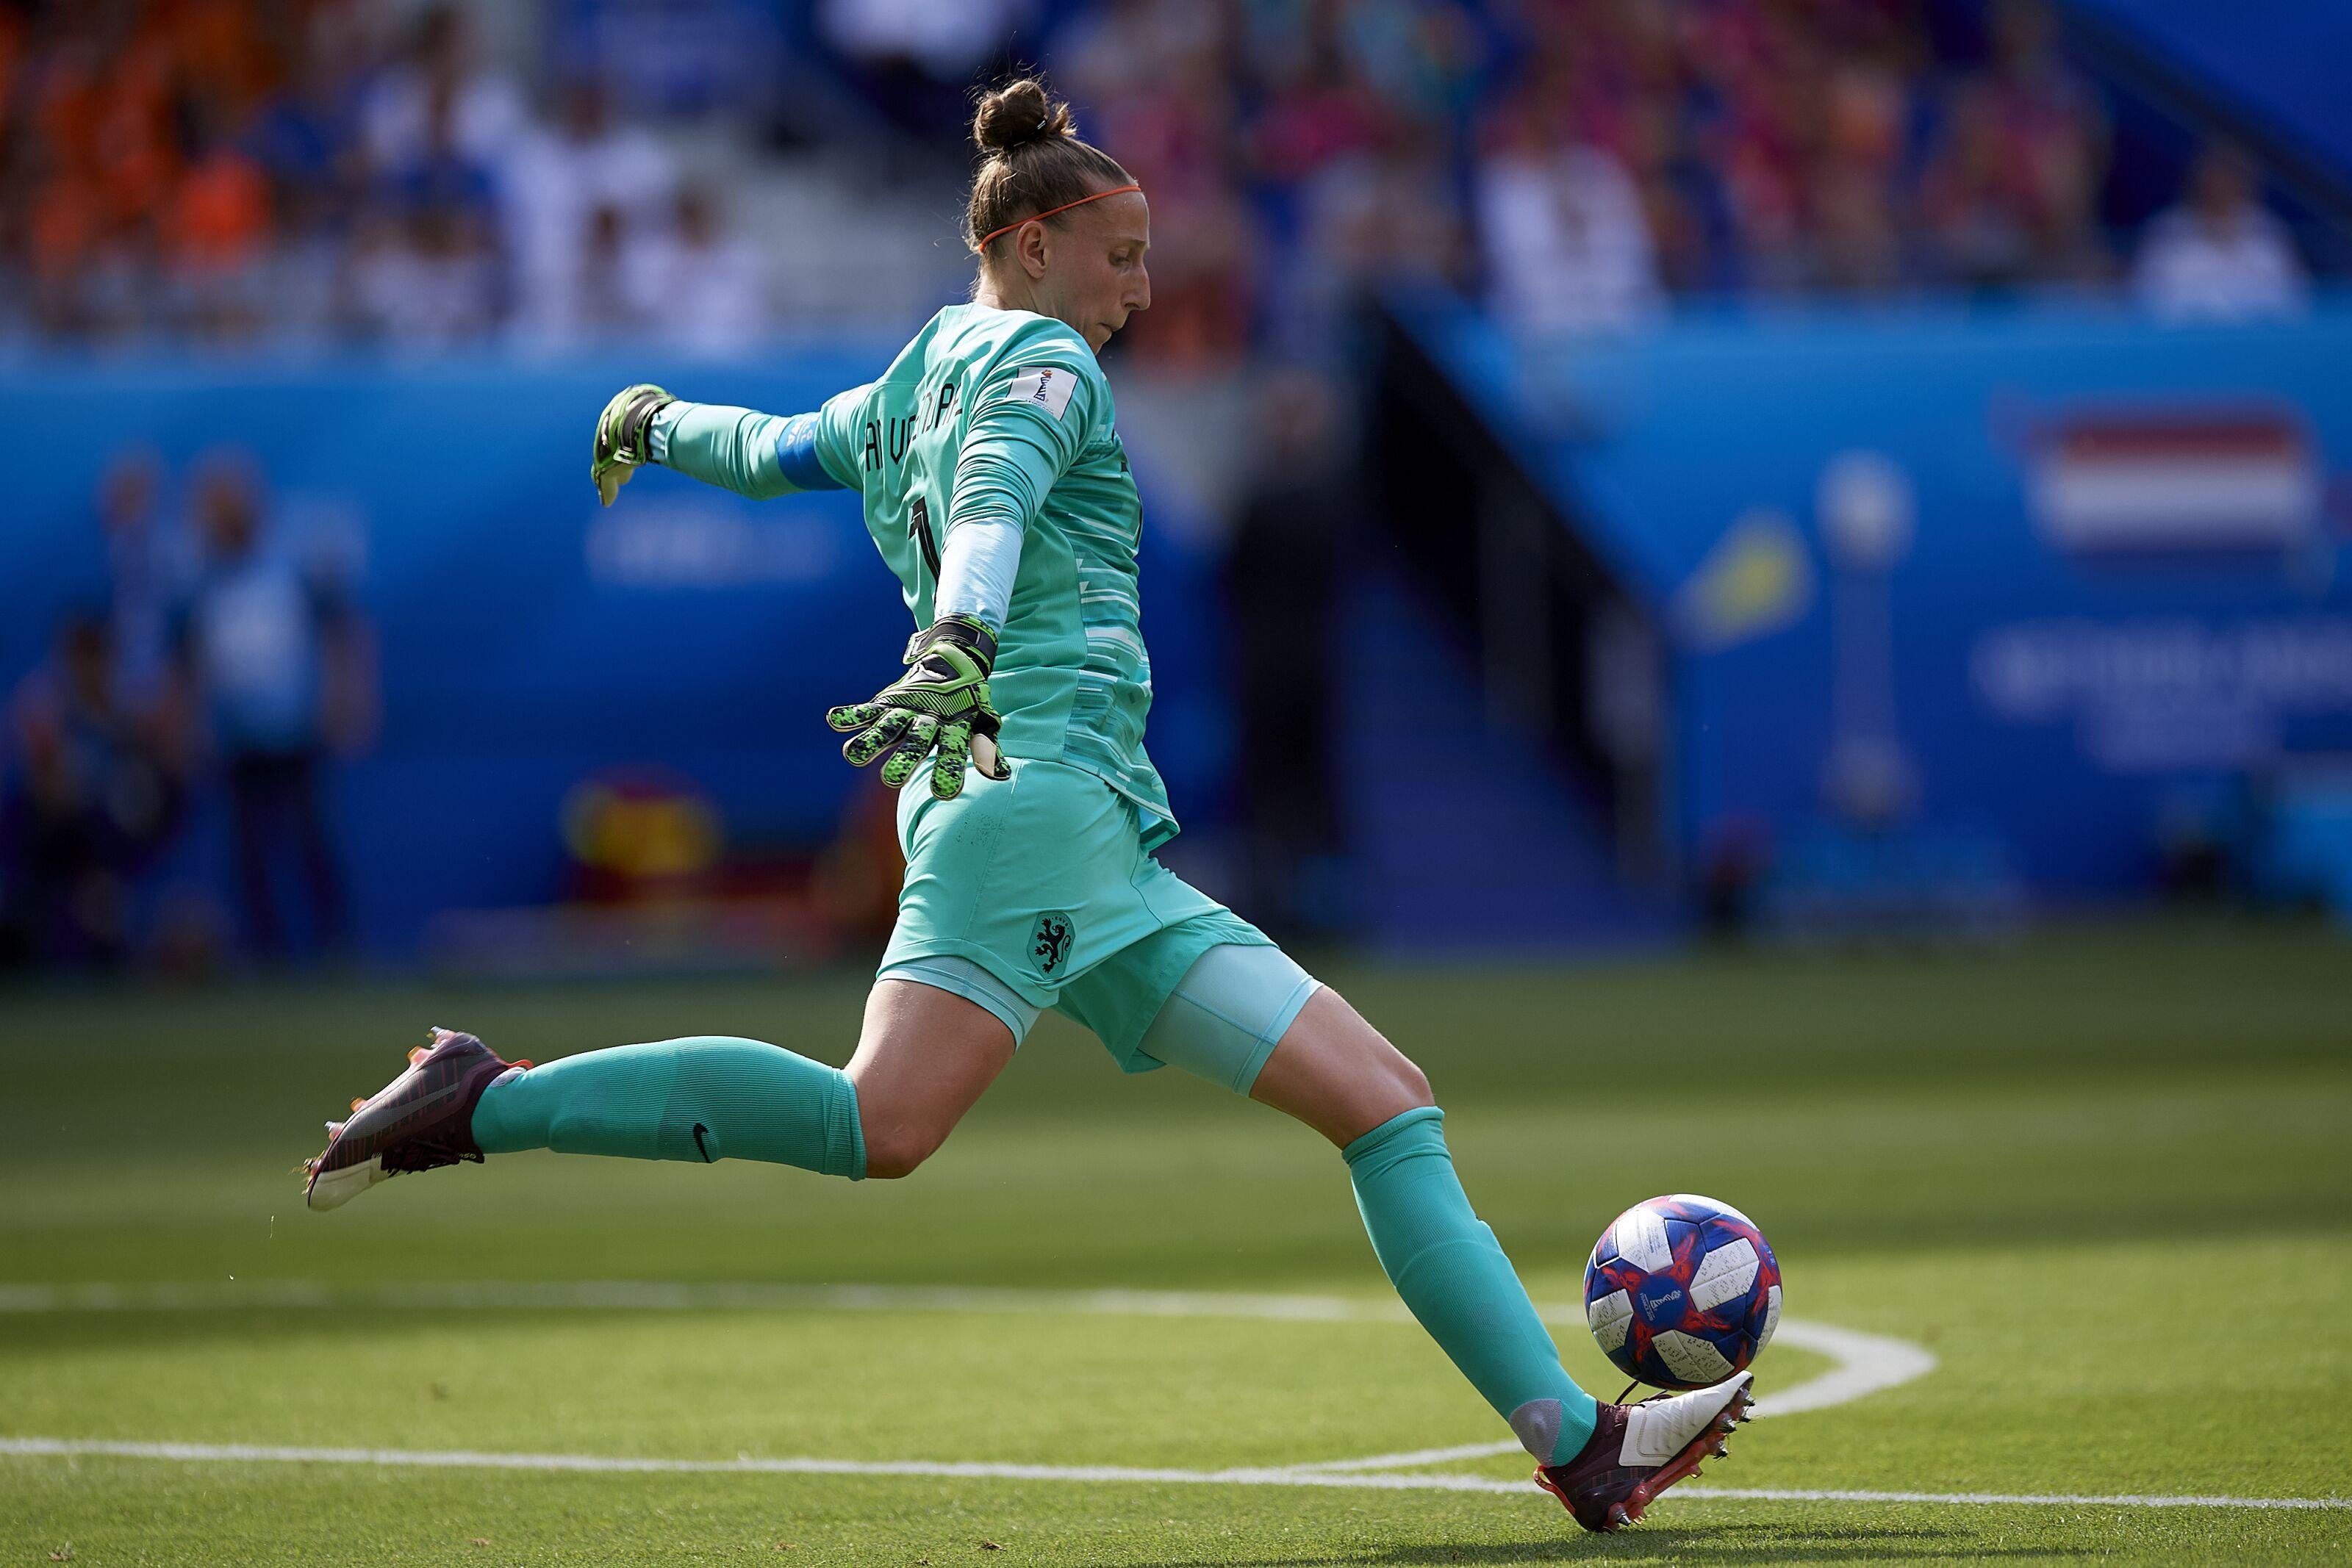 Atletico Madrid sign Golden Glove winner Sari van Veenendaal